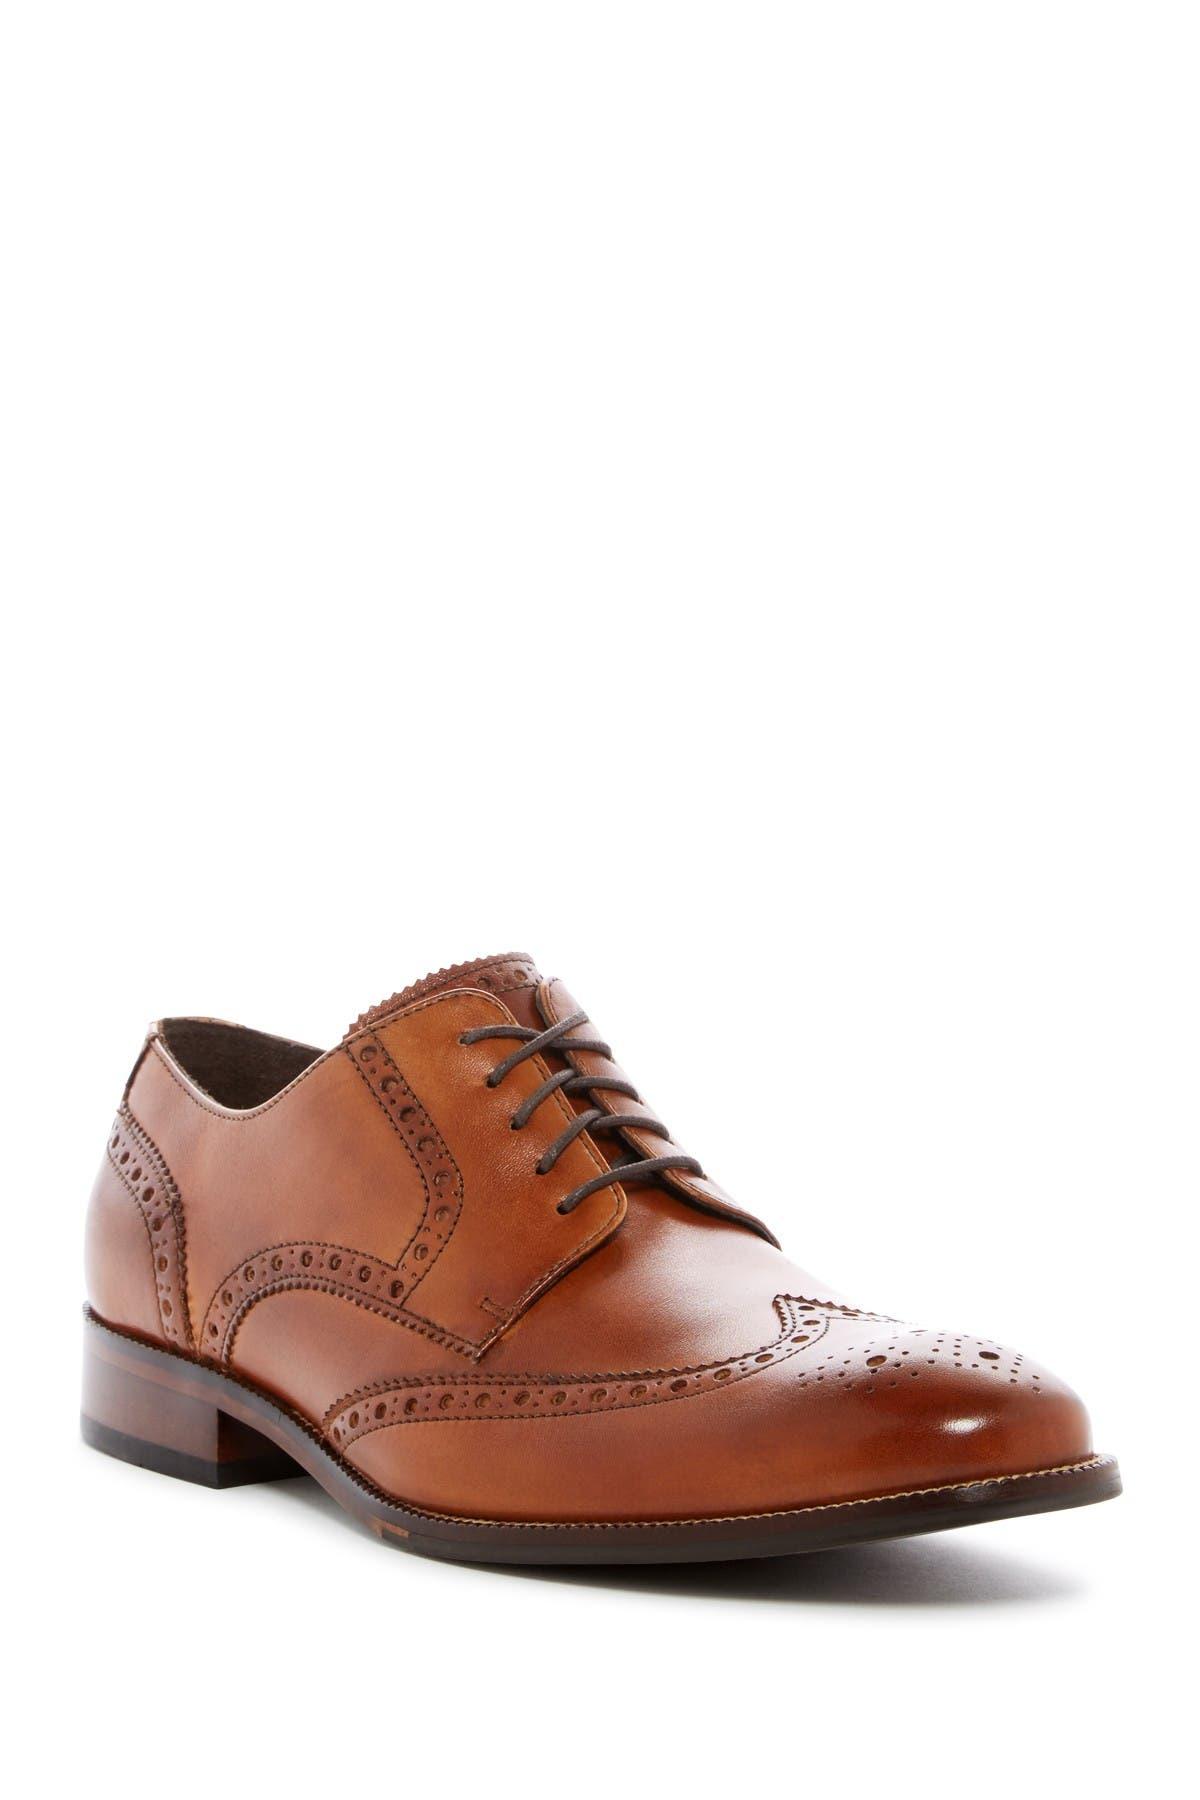 Cole Haan | Benton Leather Wingtip